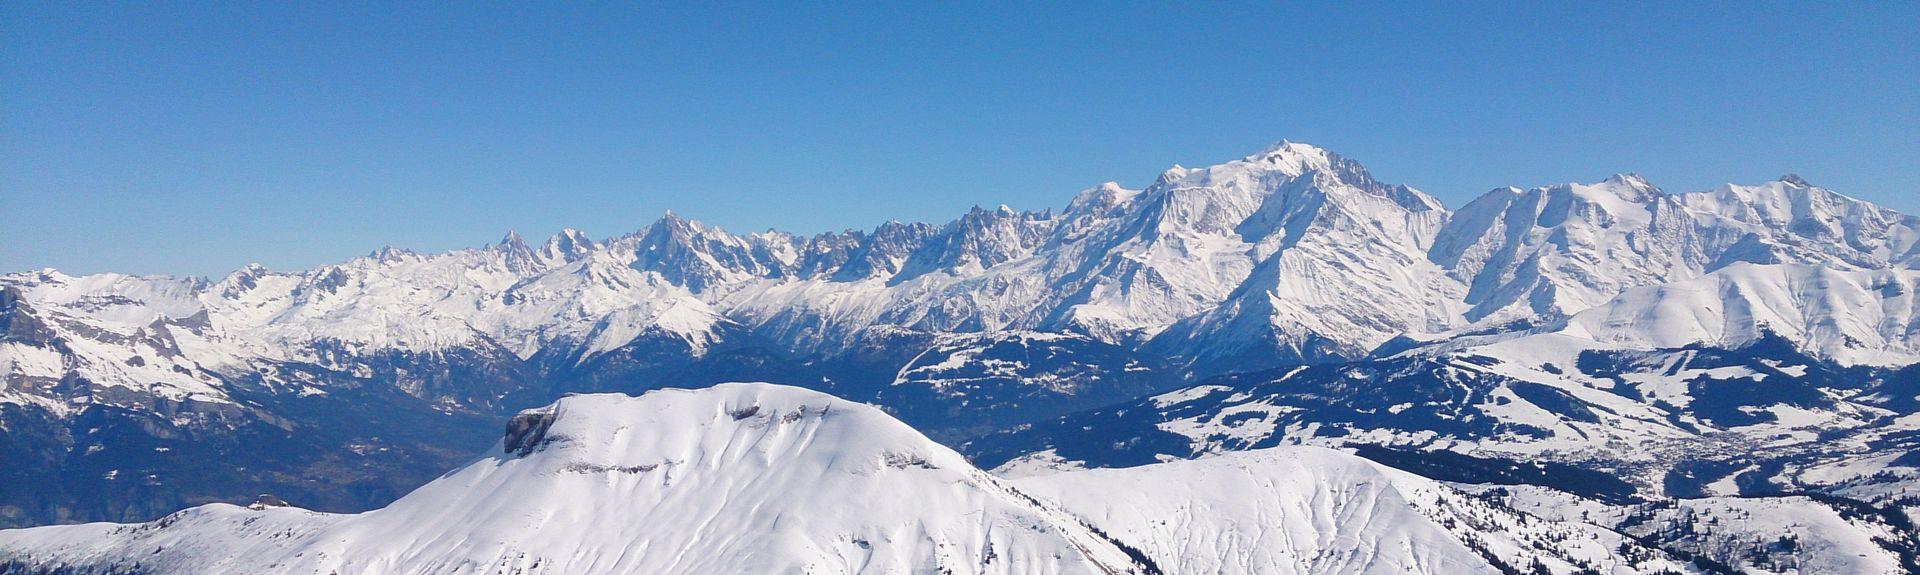 Thones, Haute-Savoie (departement), Frankrijk